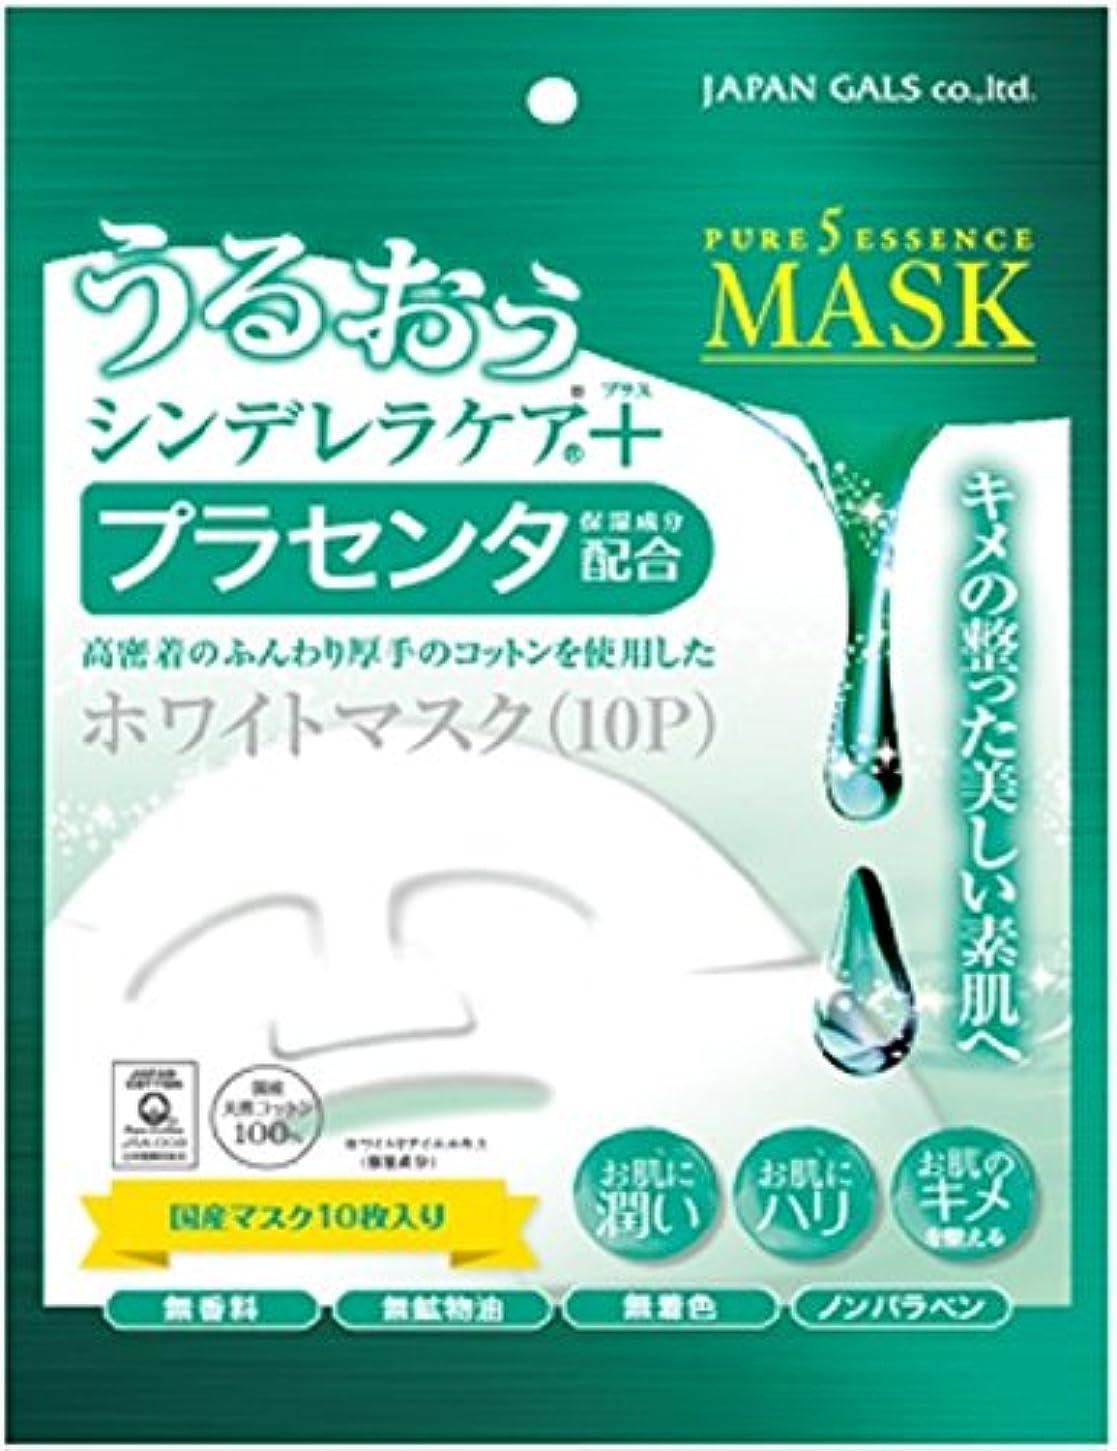 確執剥ぎ取る全部ジャパンギャルズ ピュアファイブエッセンスマスク (PL+CC) 10枚